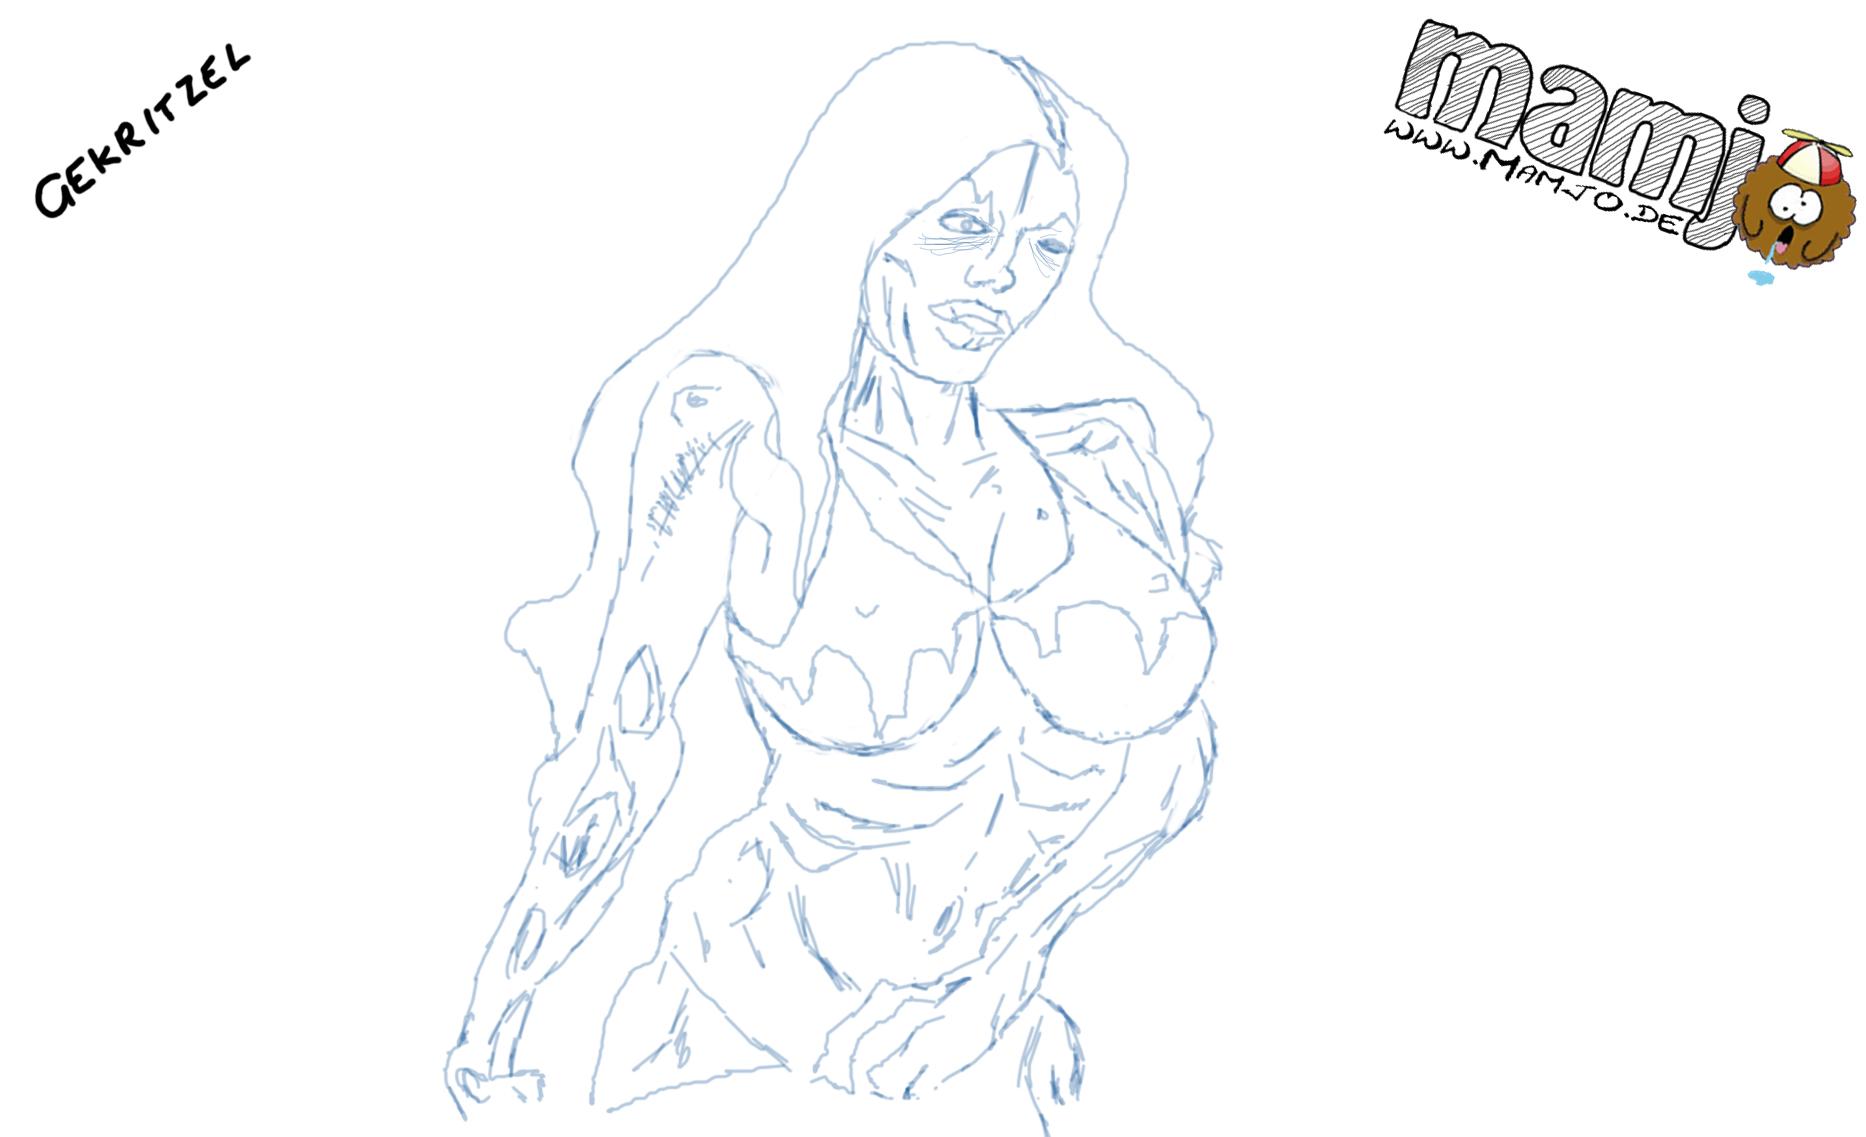 Zombie Frau Lady Mädchen zeichnung zeichnen skizze untot dead striper